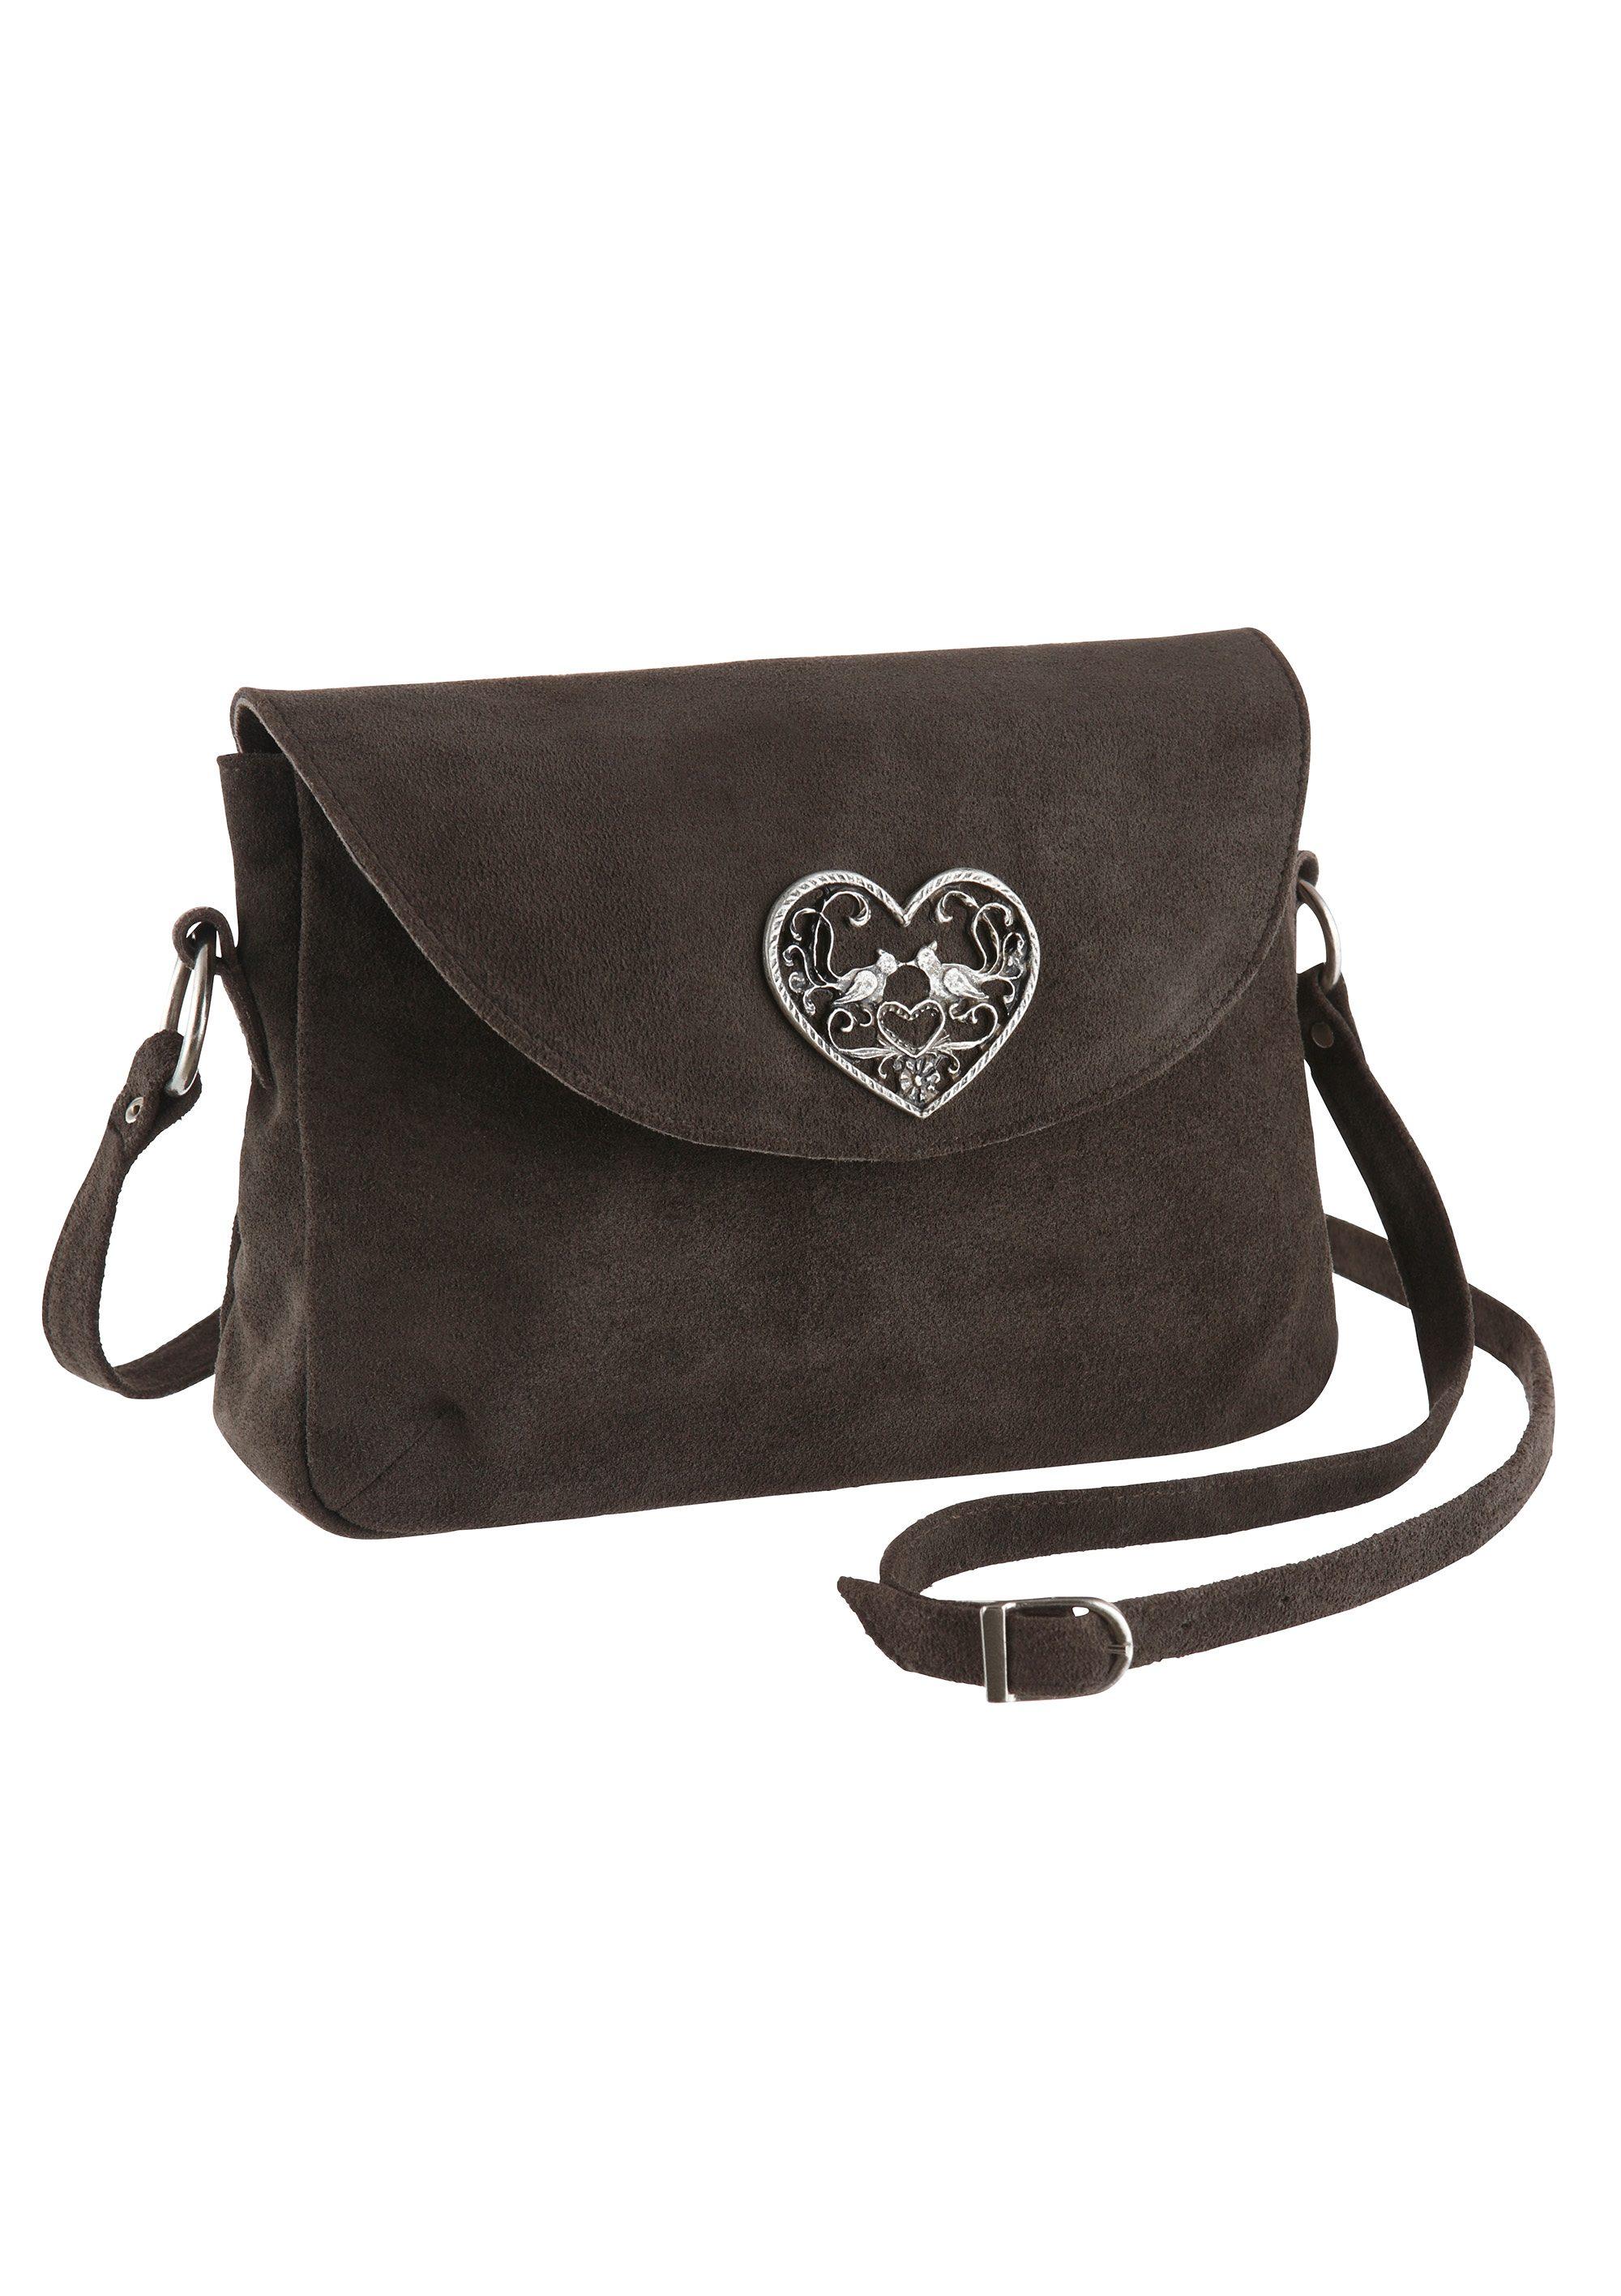 Trachtentasche mit Herzapplikation